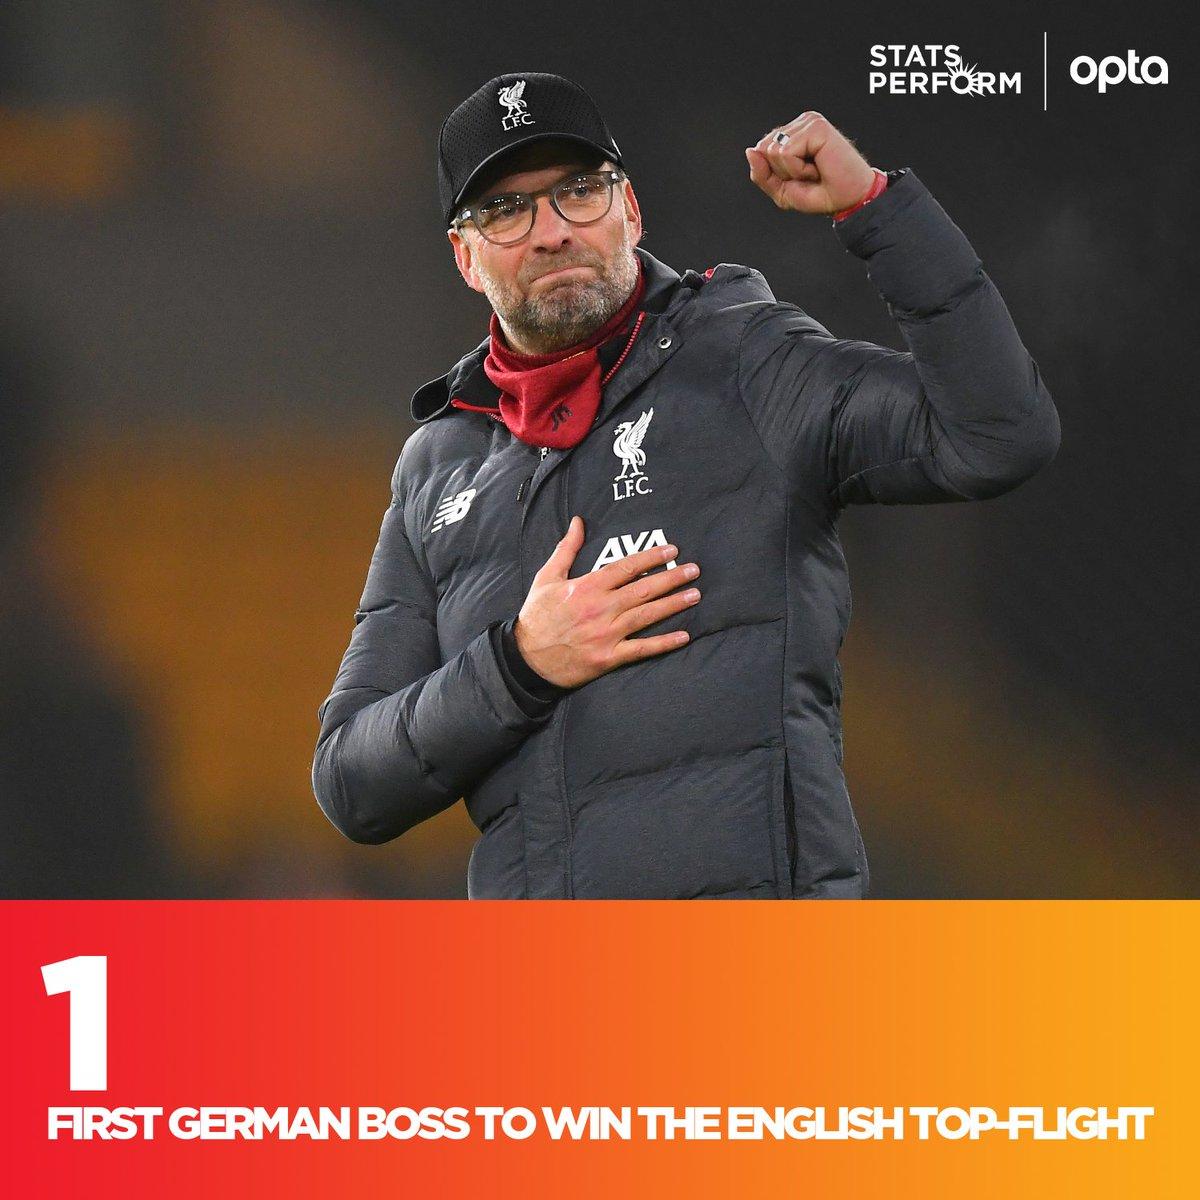 表来和尚会念经!克洛普成始位率队争夺英超的德国教练